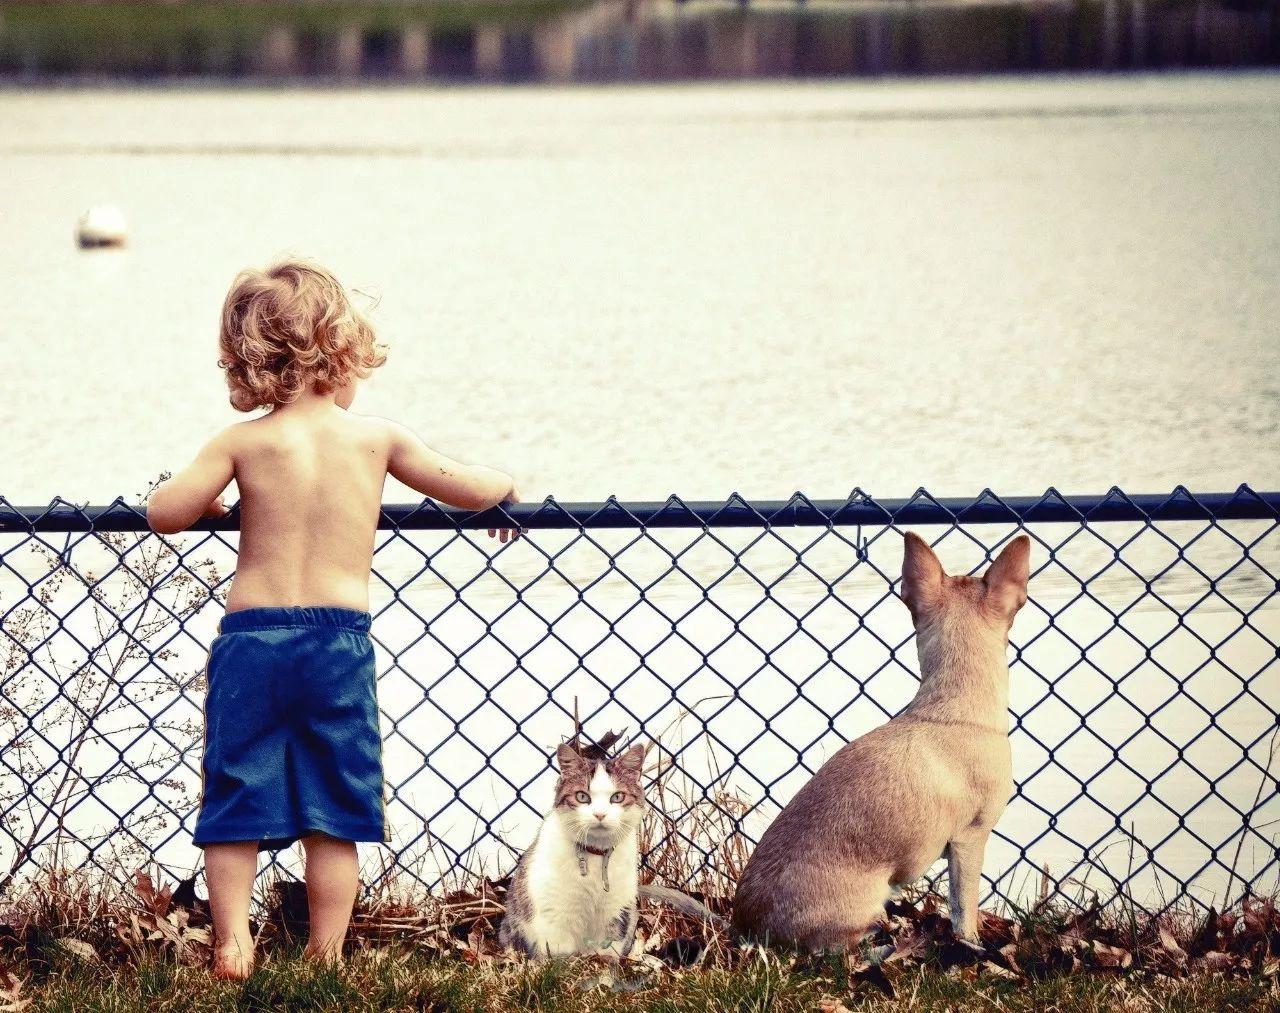 [猫和狗哪个聪明]猫和狗到底谁聪明?这个世界难题终于有答案了